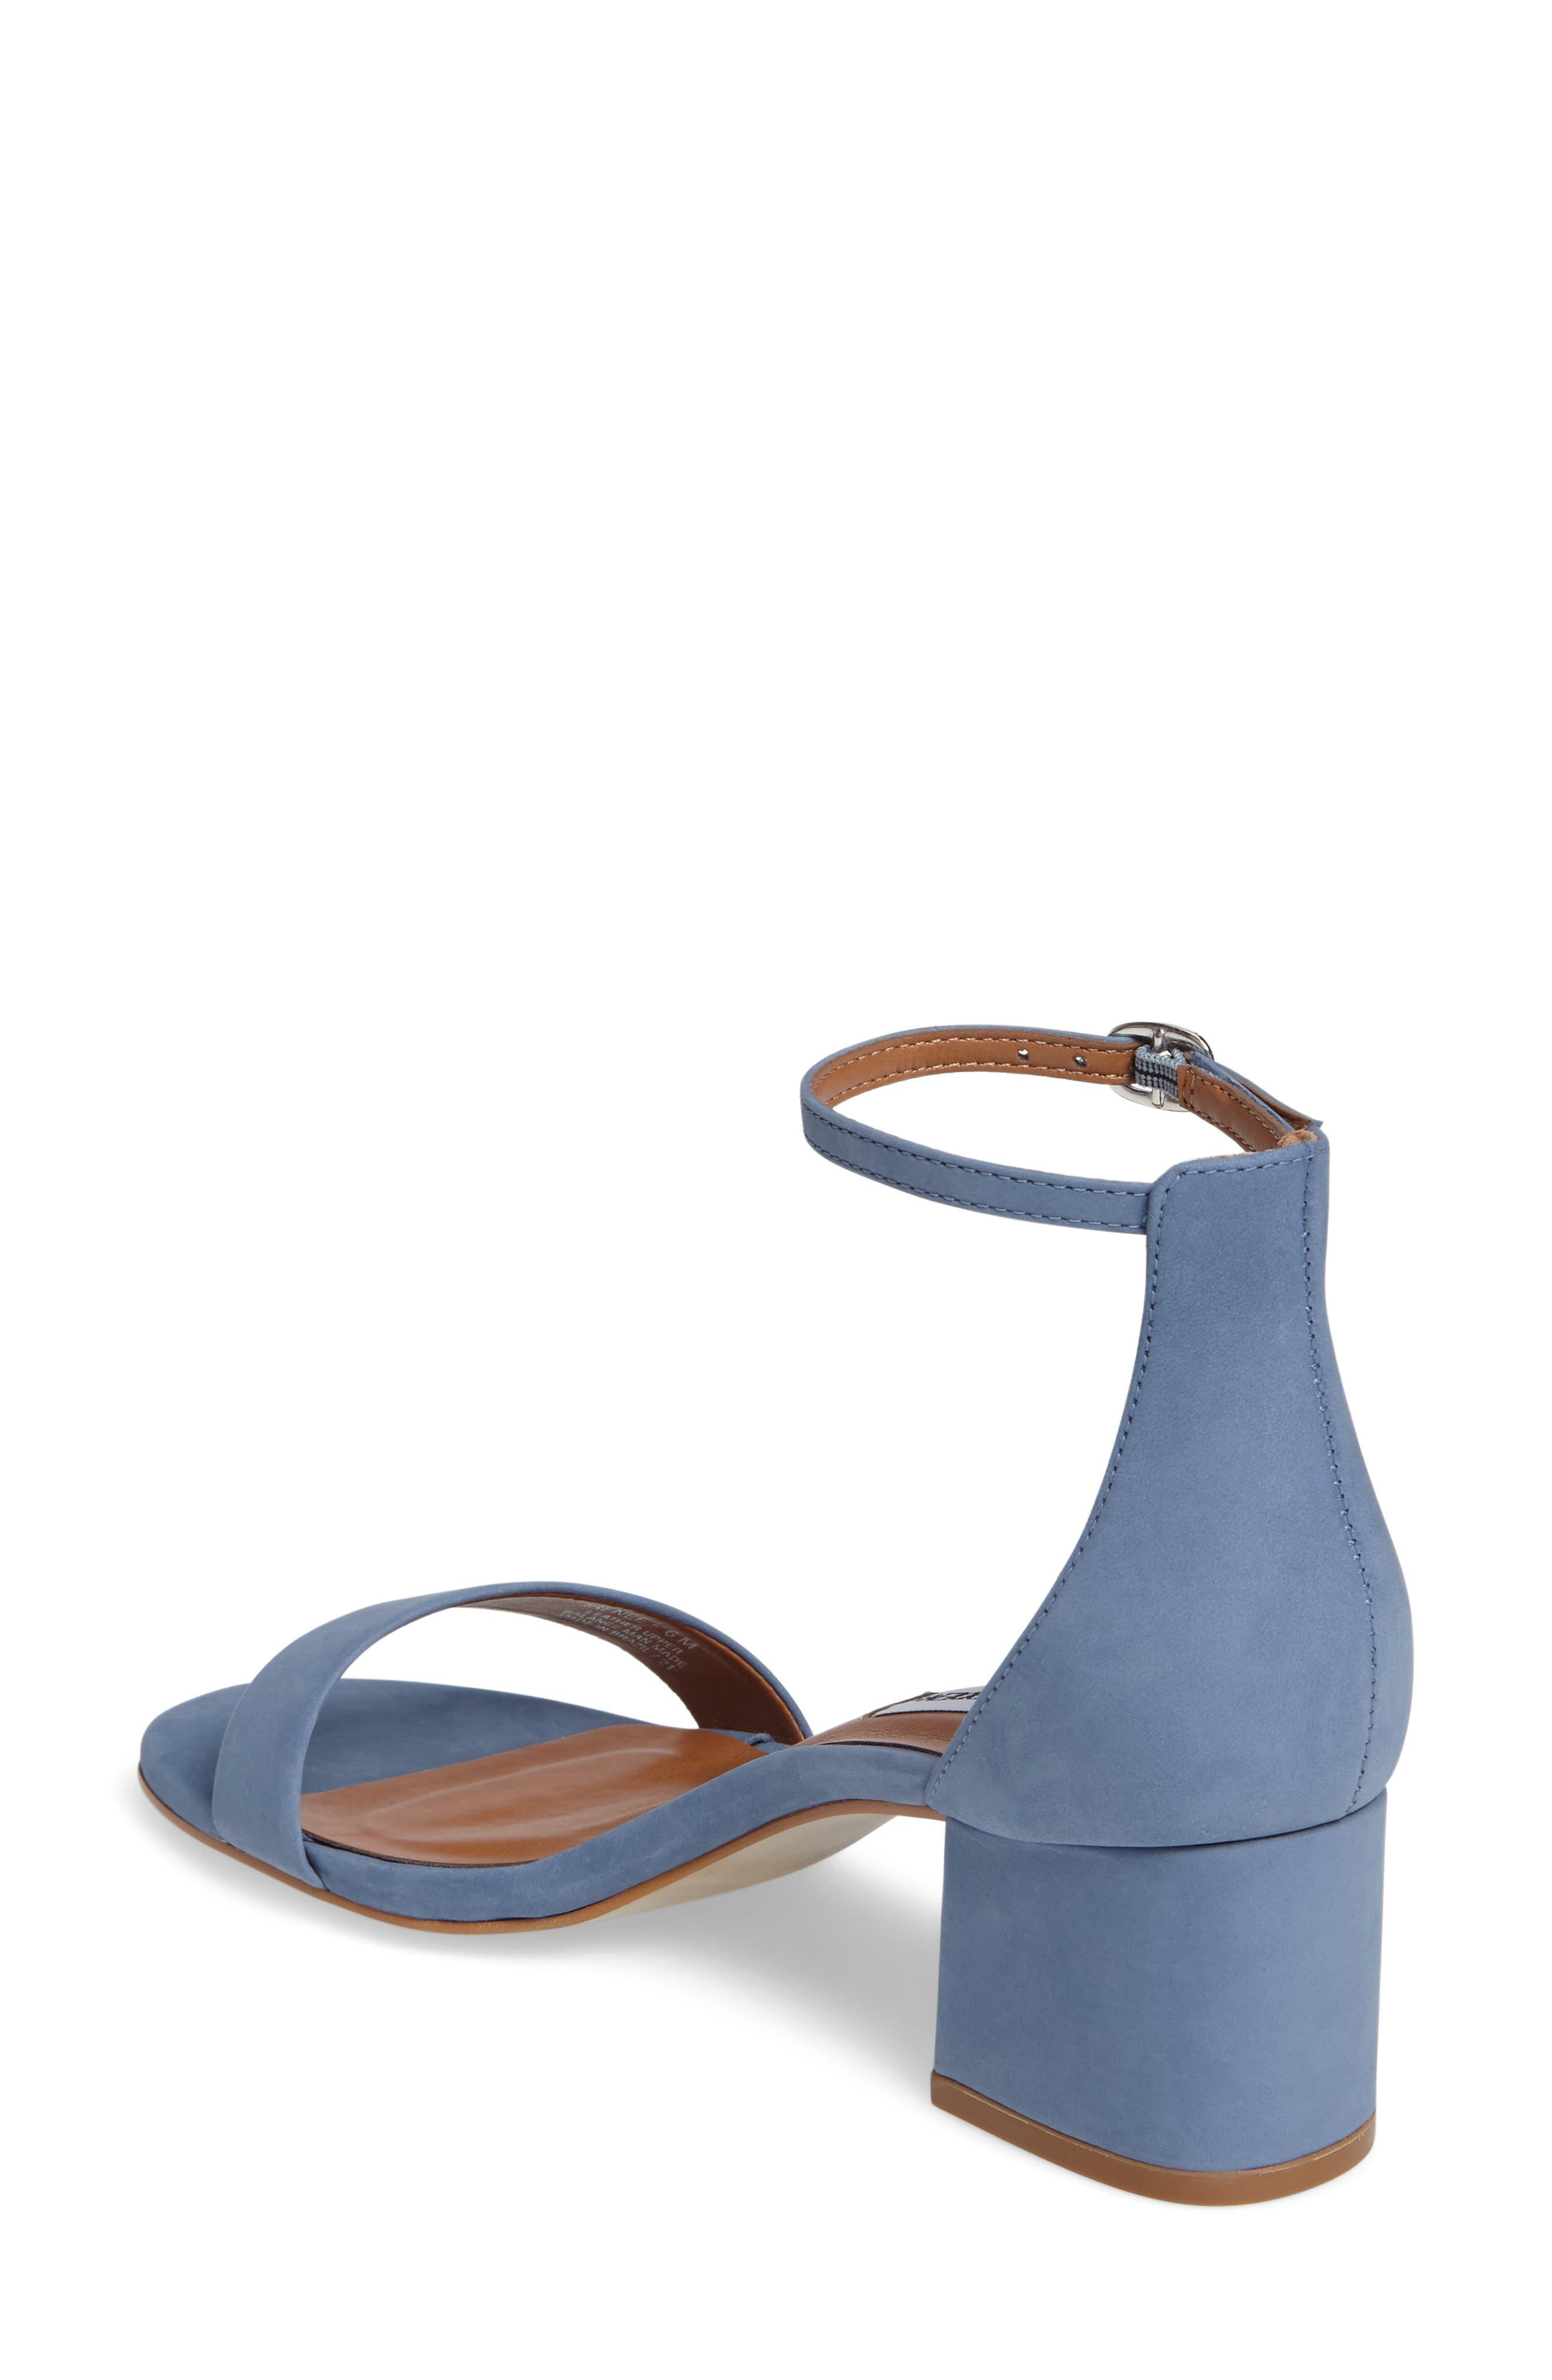 Irenee Ankle Strap Sandal,                             Alternate thumbnail 53, color,